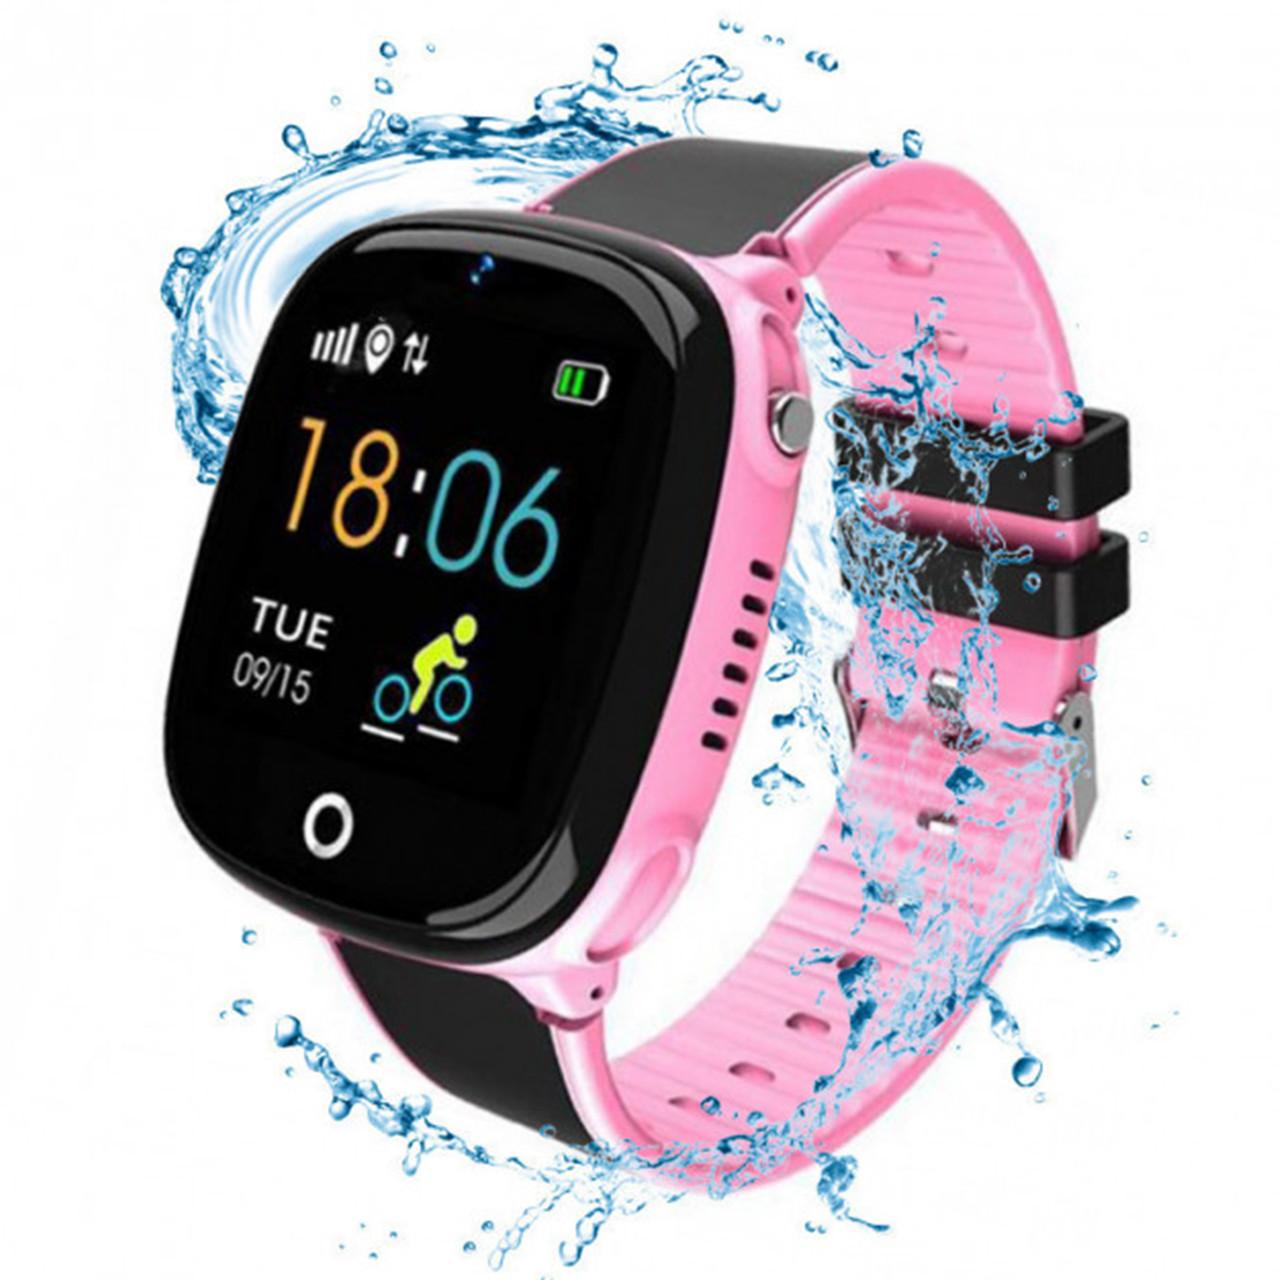 Детские умные часы JETIX DF50 Light Edition с GPS трекером и влагозащитой (Чёрно-розовые)